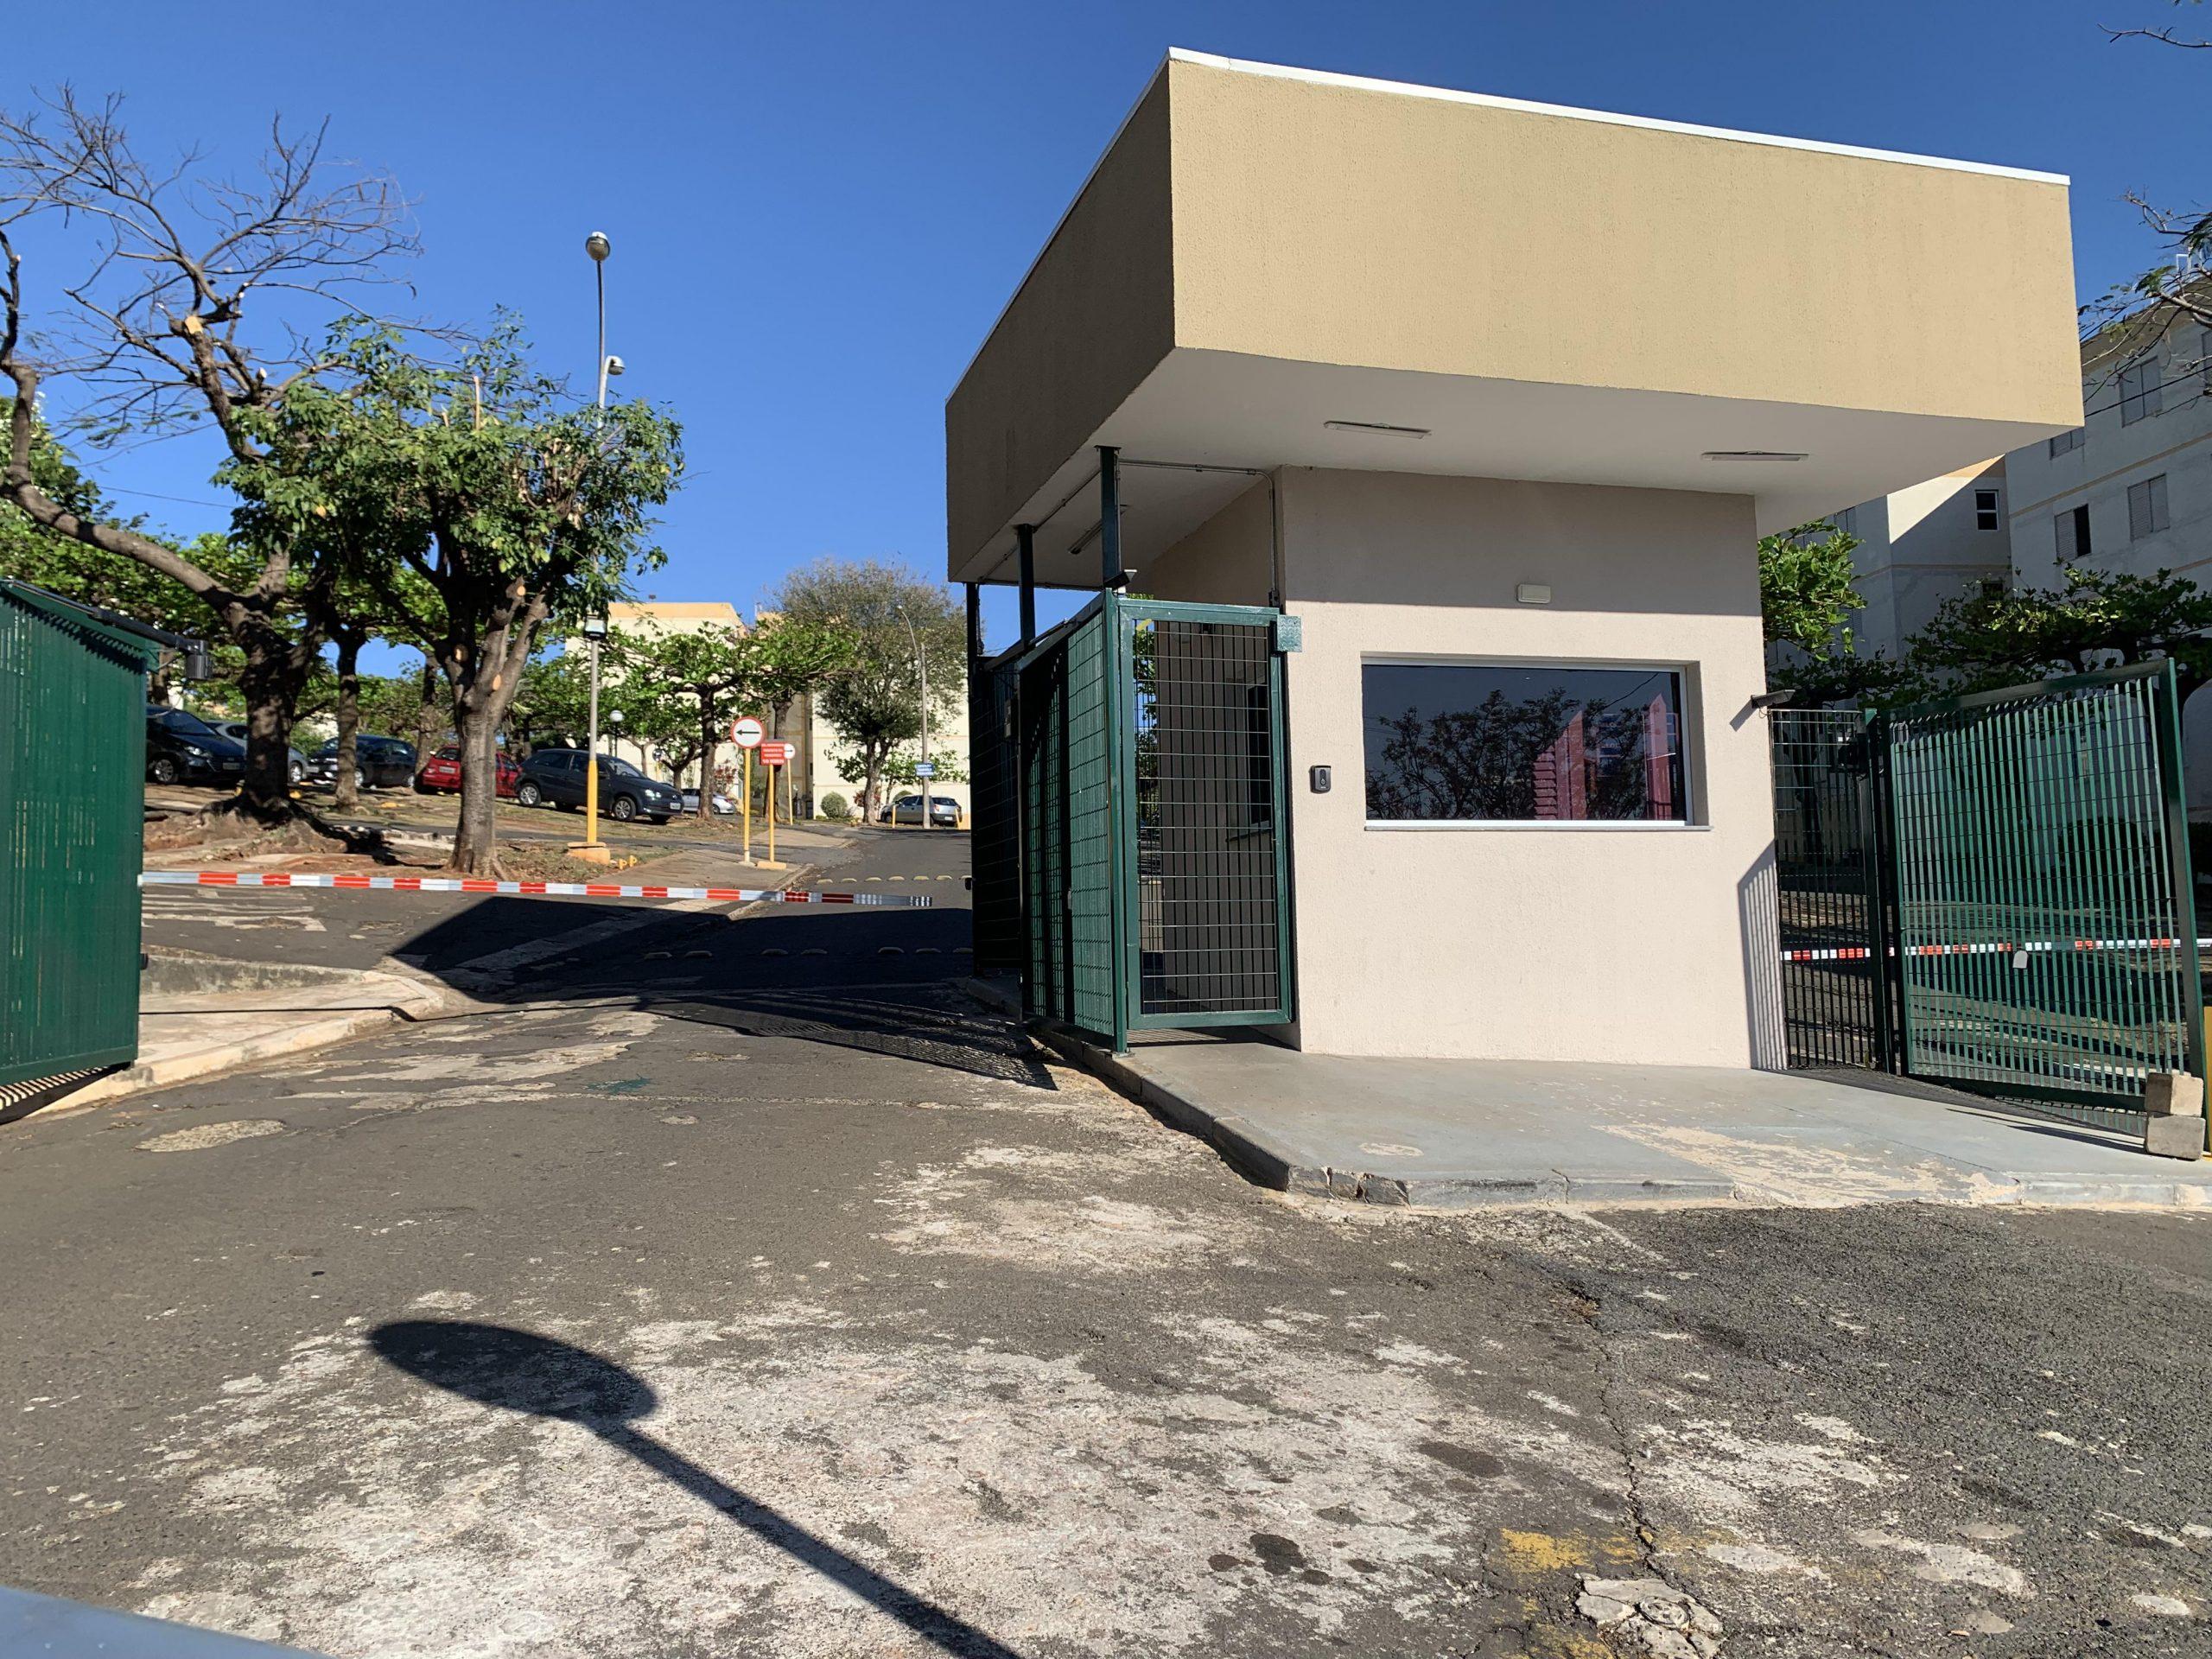 Há mais de 4 décadas, Conjunto Bandeirantes garante comodidade e segurança a seus moradores